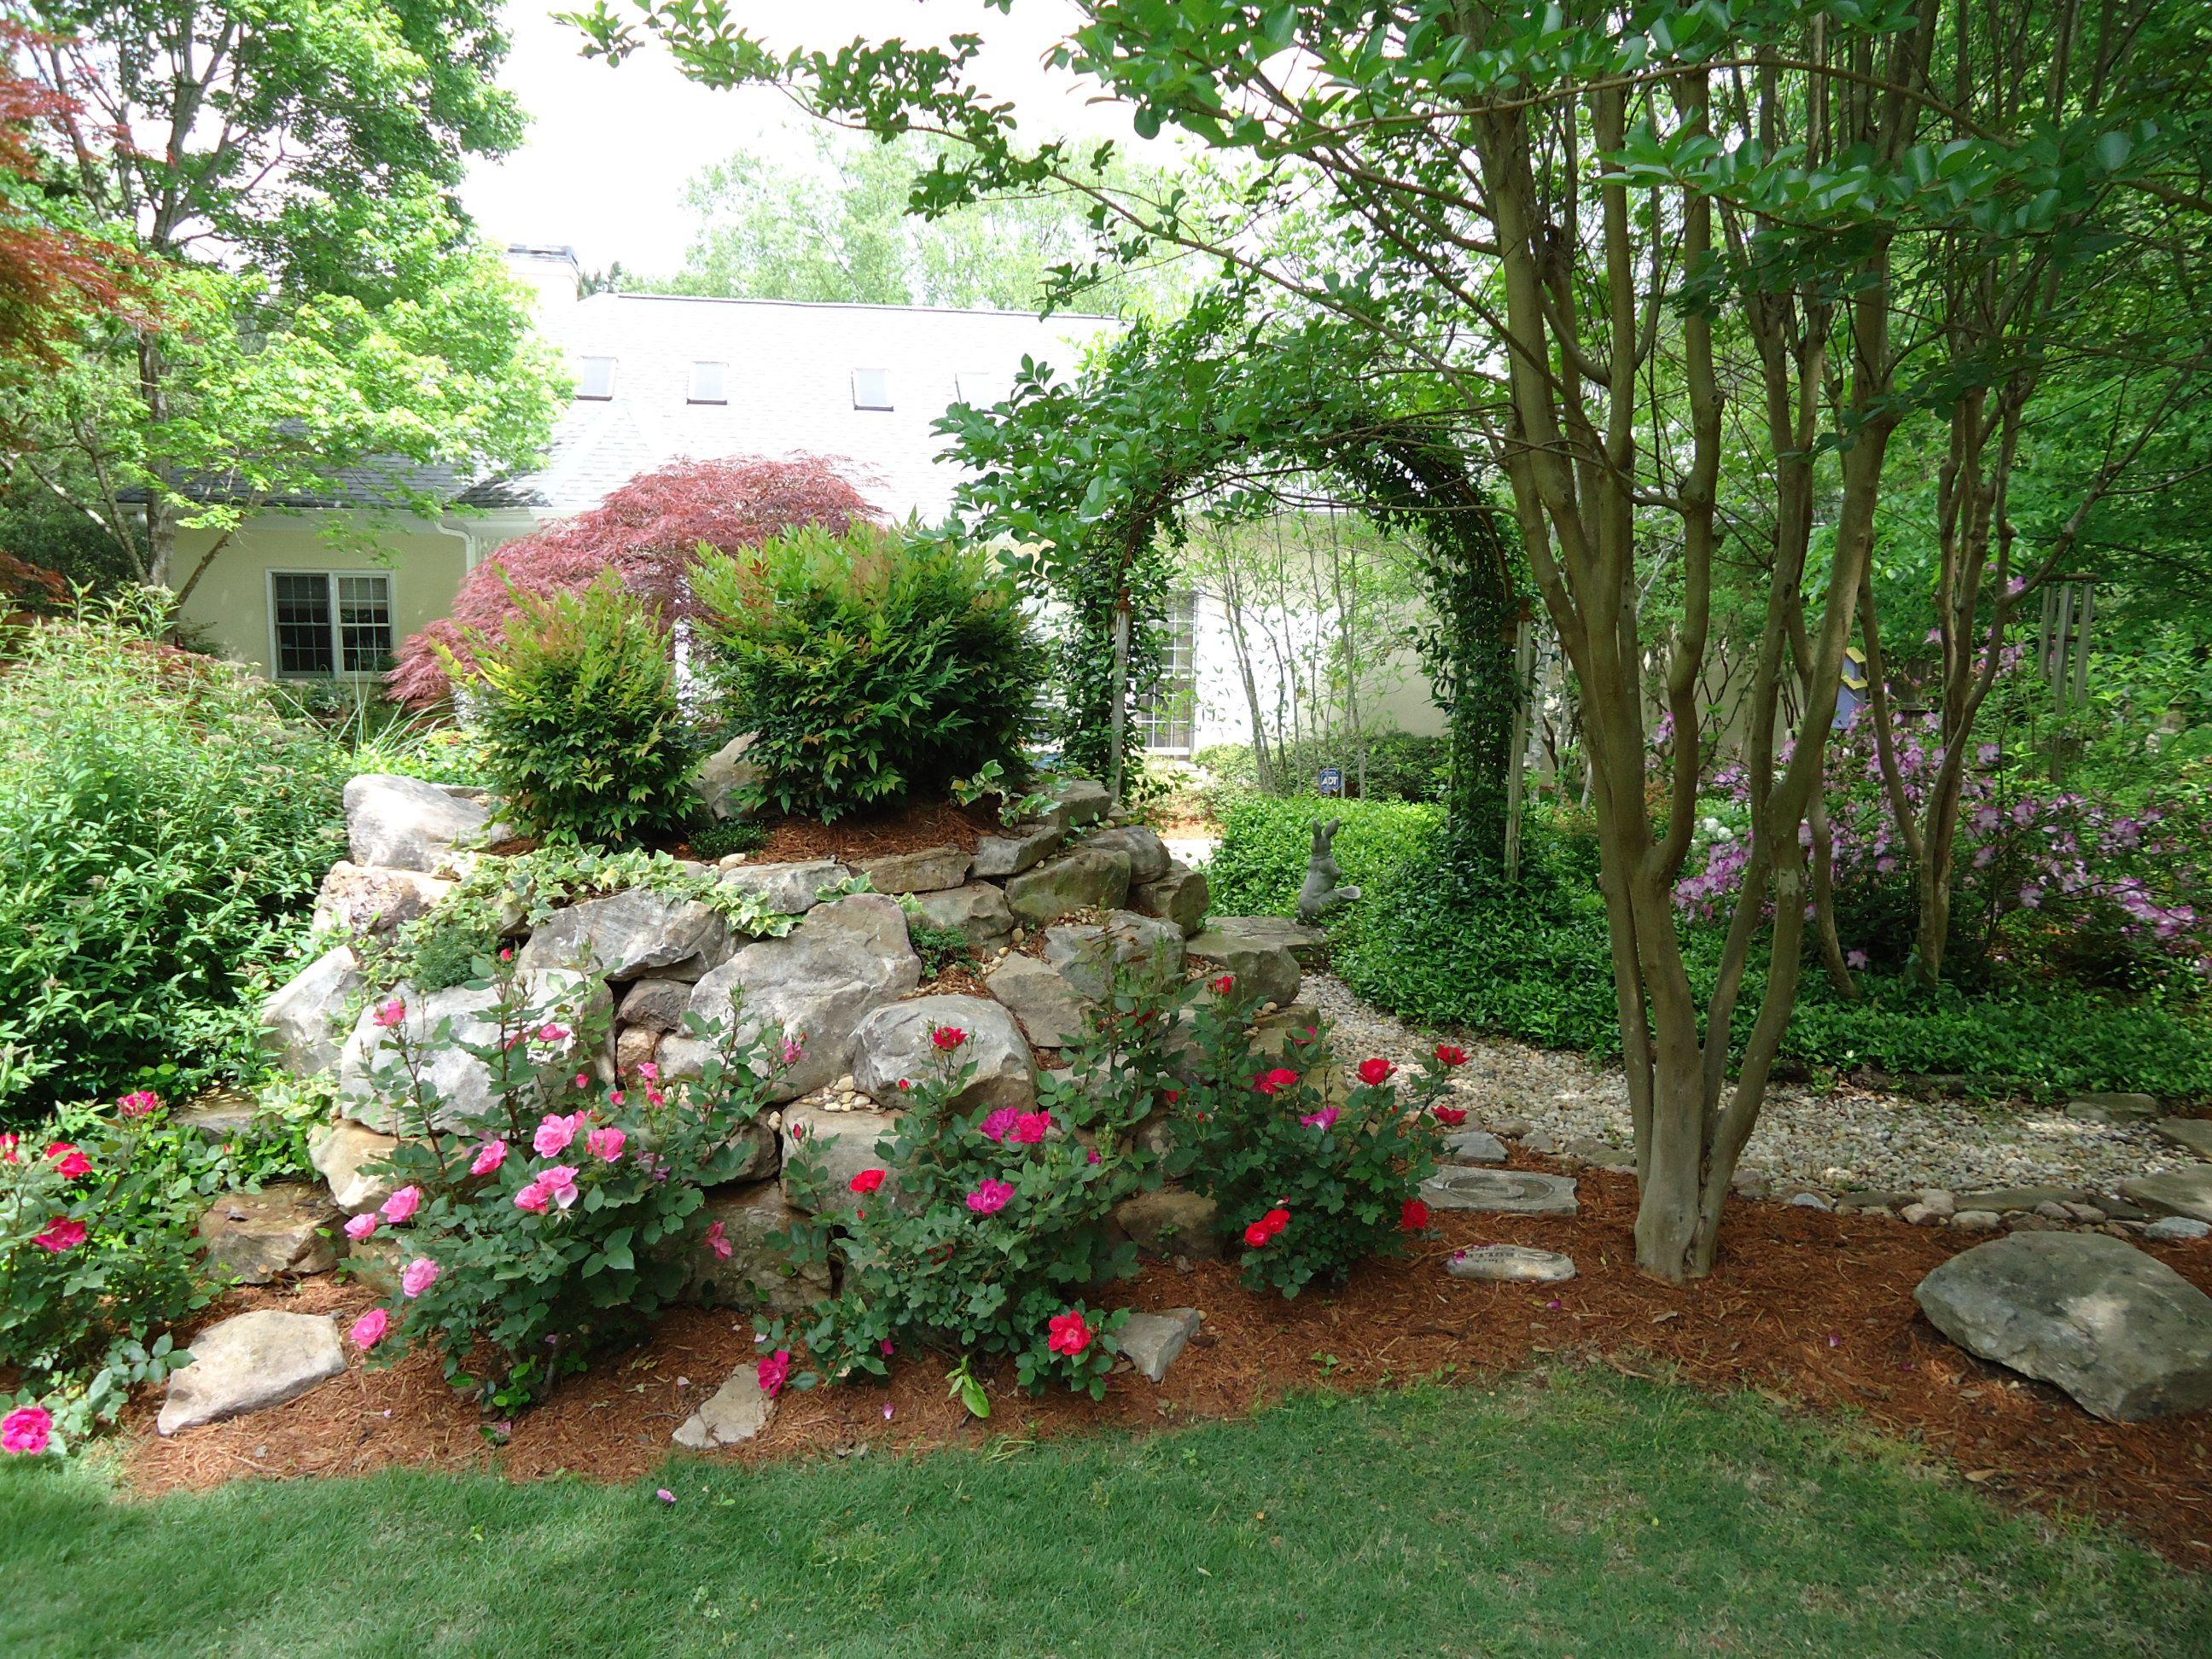 Spring rock garden Rock garden, Garden art, Garden ideas